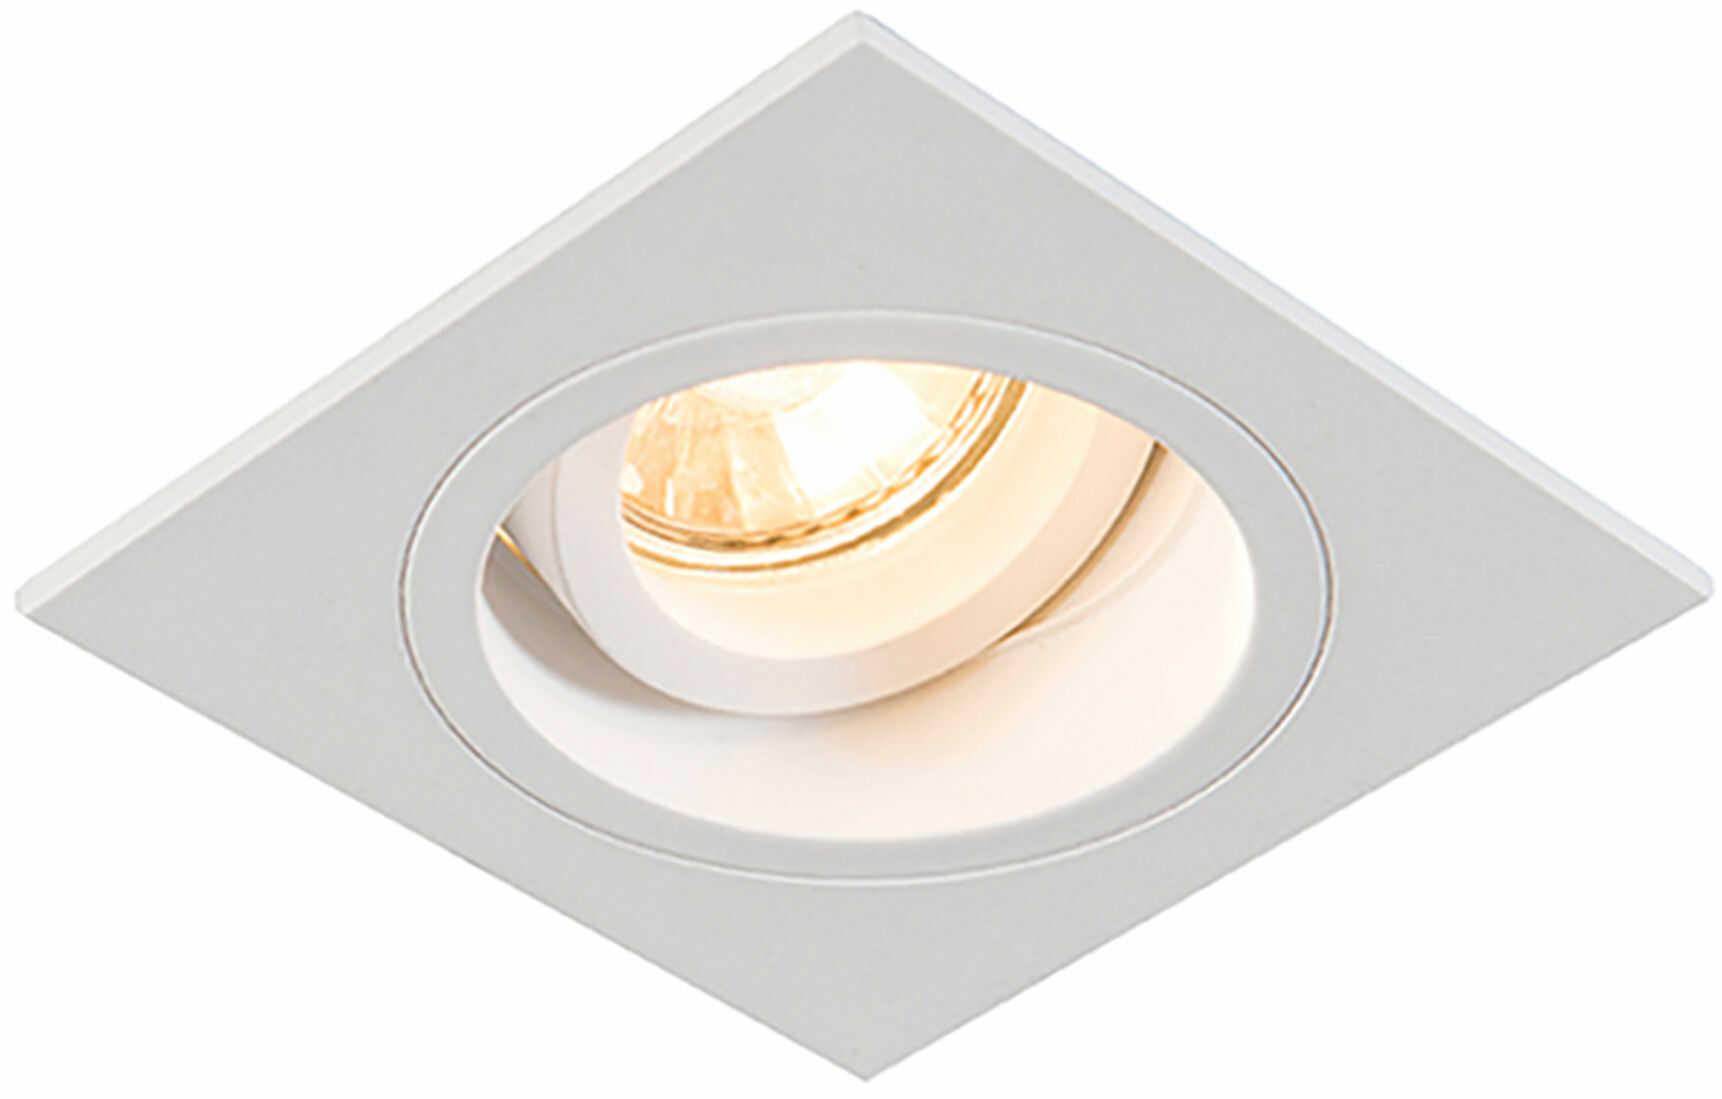 Zuma Line 92703 CHUCK DL SQUARE oprawa oświetleniowa wpuszczana biała GU10 9,2cm